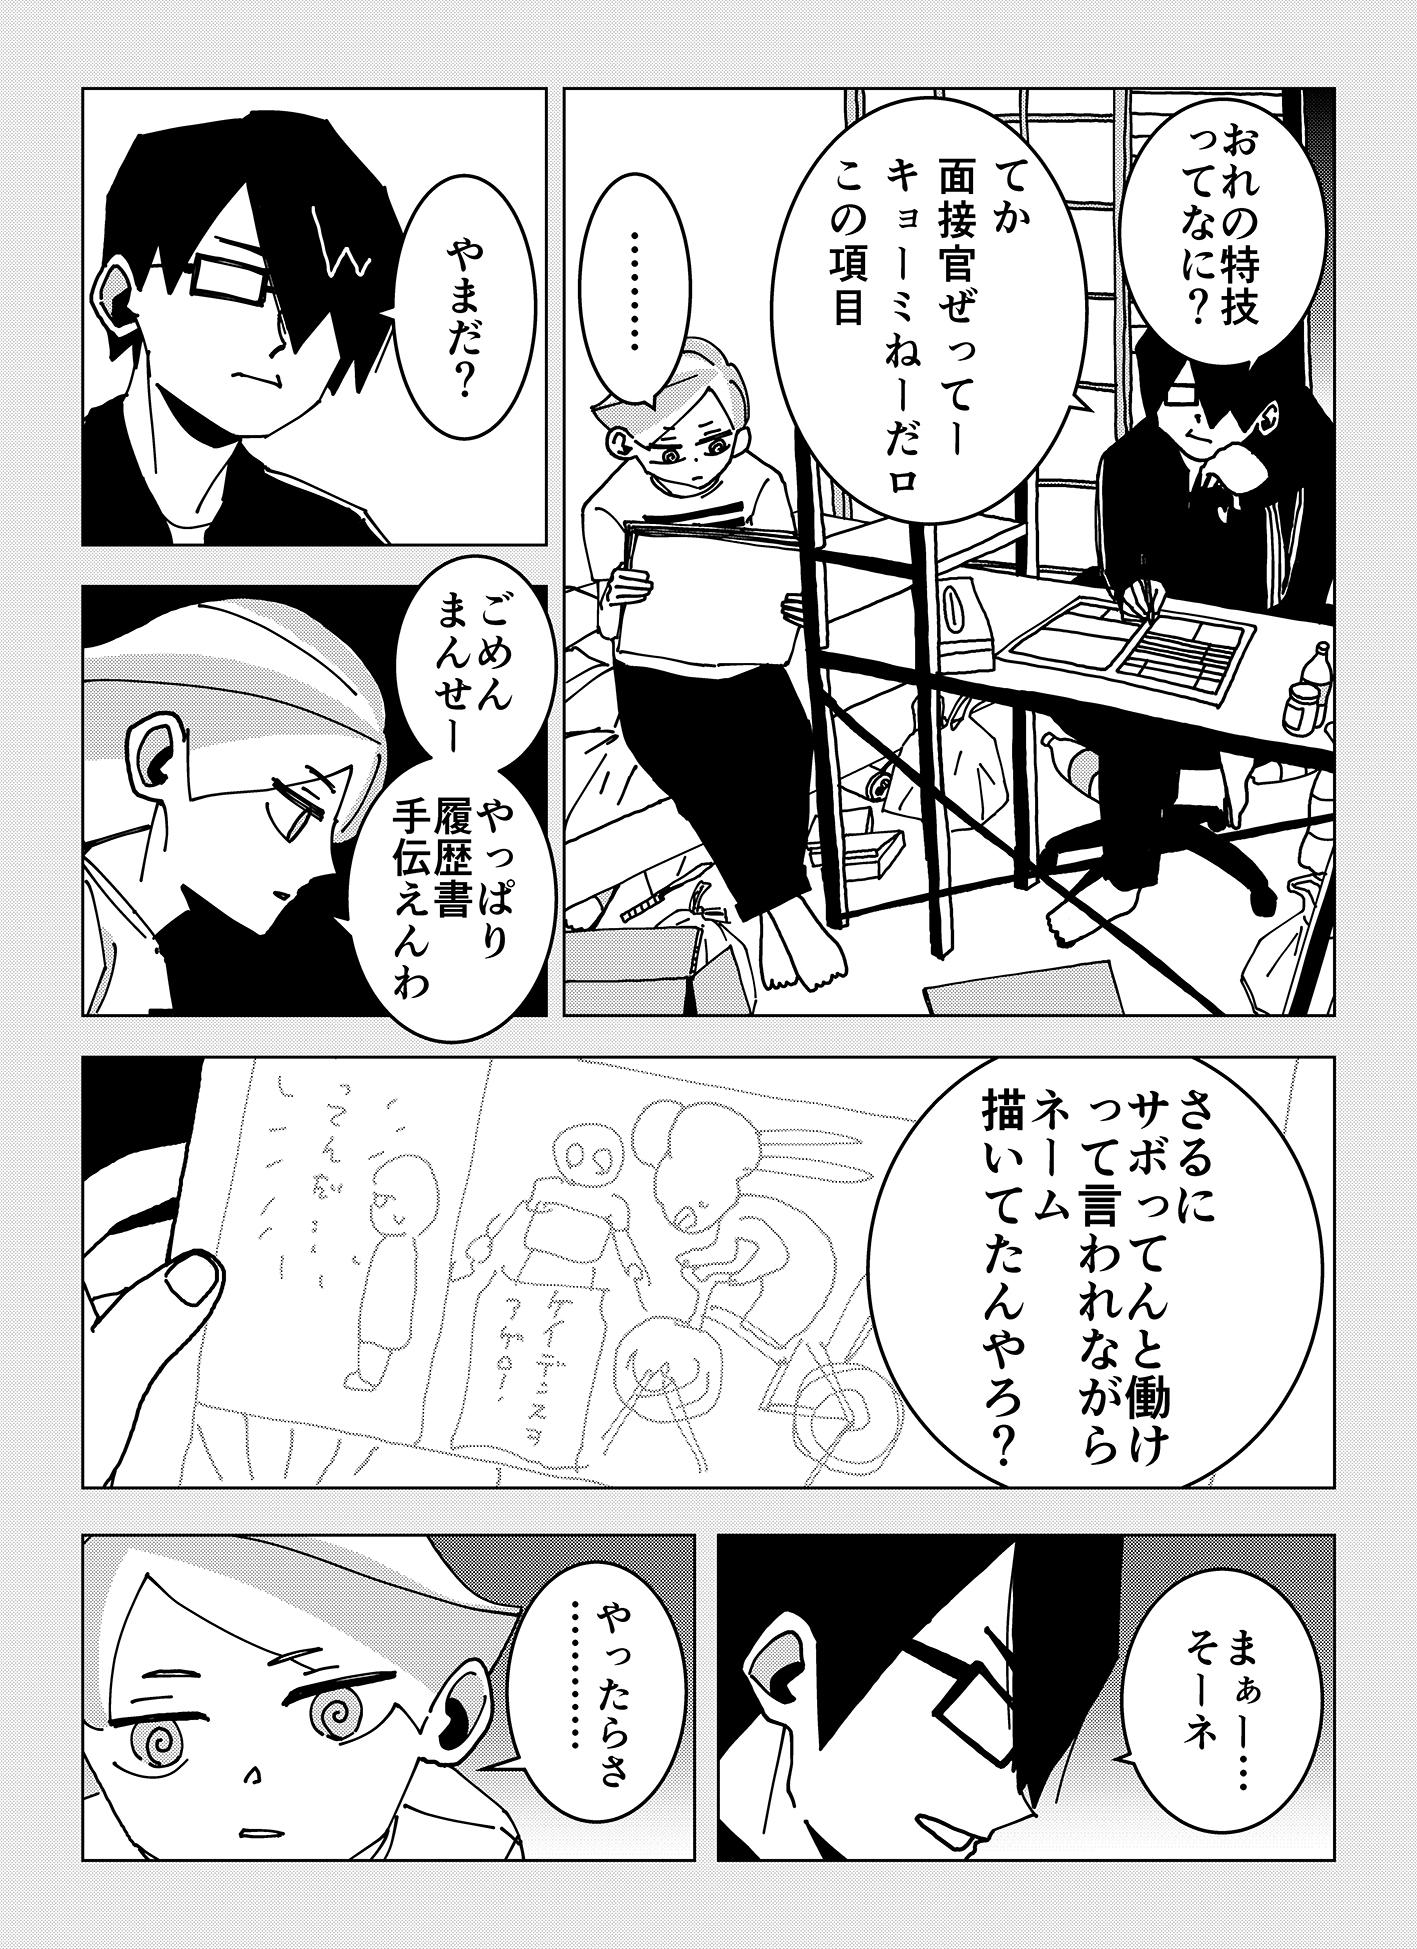 share08_09